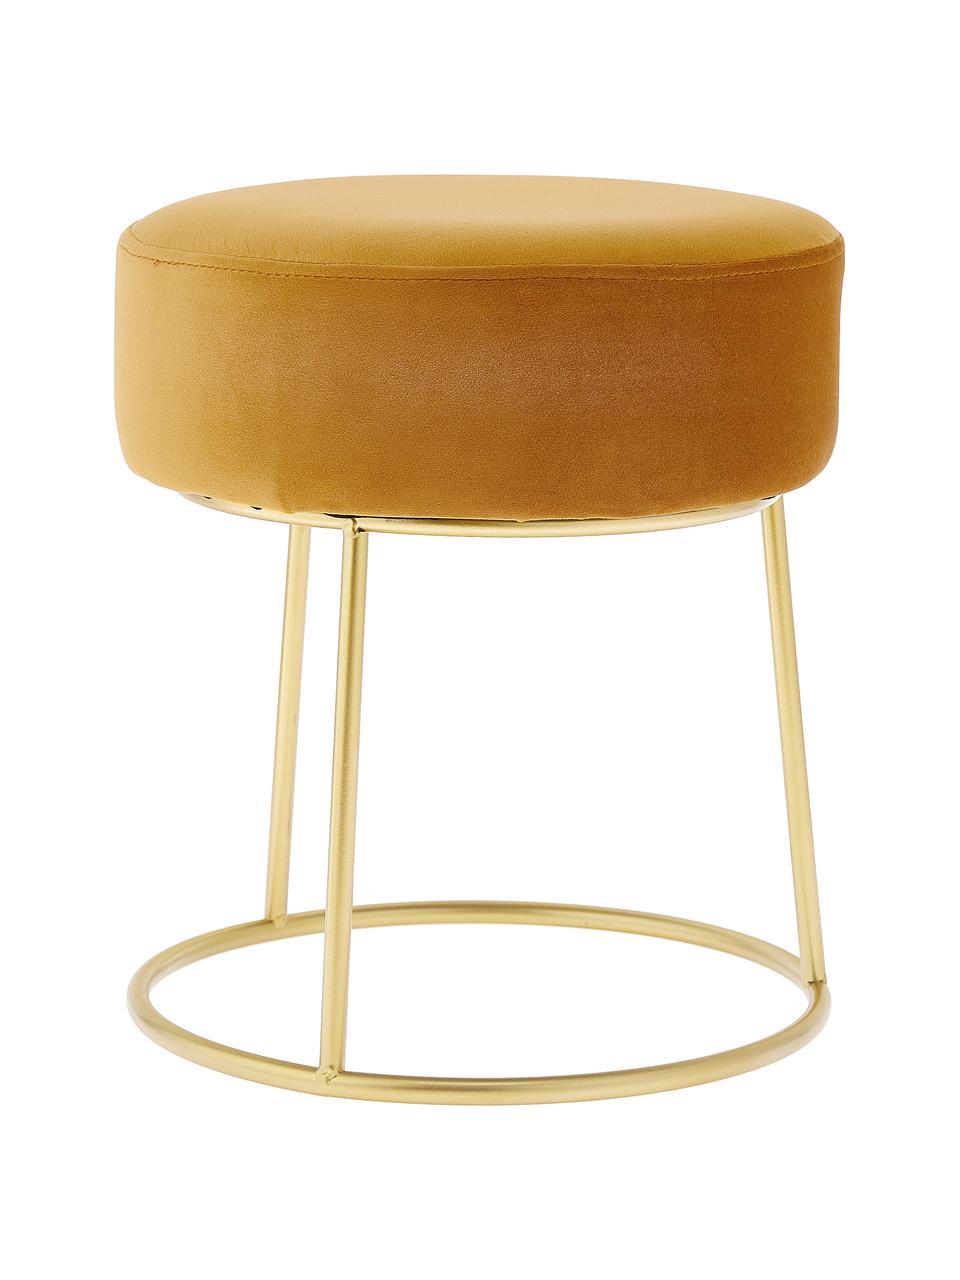 Sgabello rotondo in velluto Clarissa, Rivestimento: 100% velluto di poliester, Rivestimento: giallo Base: dorato, Ø 35 x Alt. 40 cm